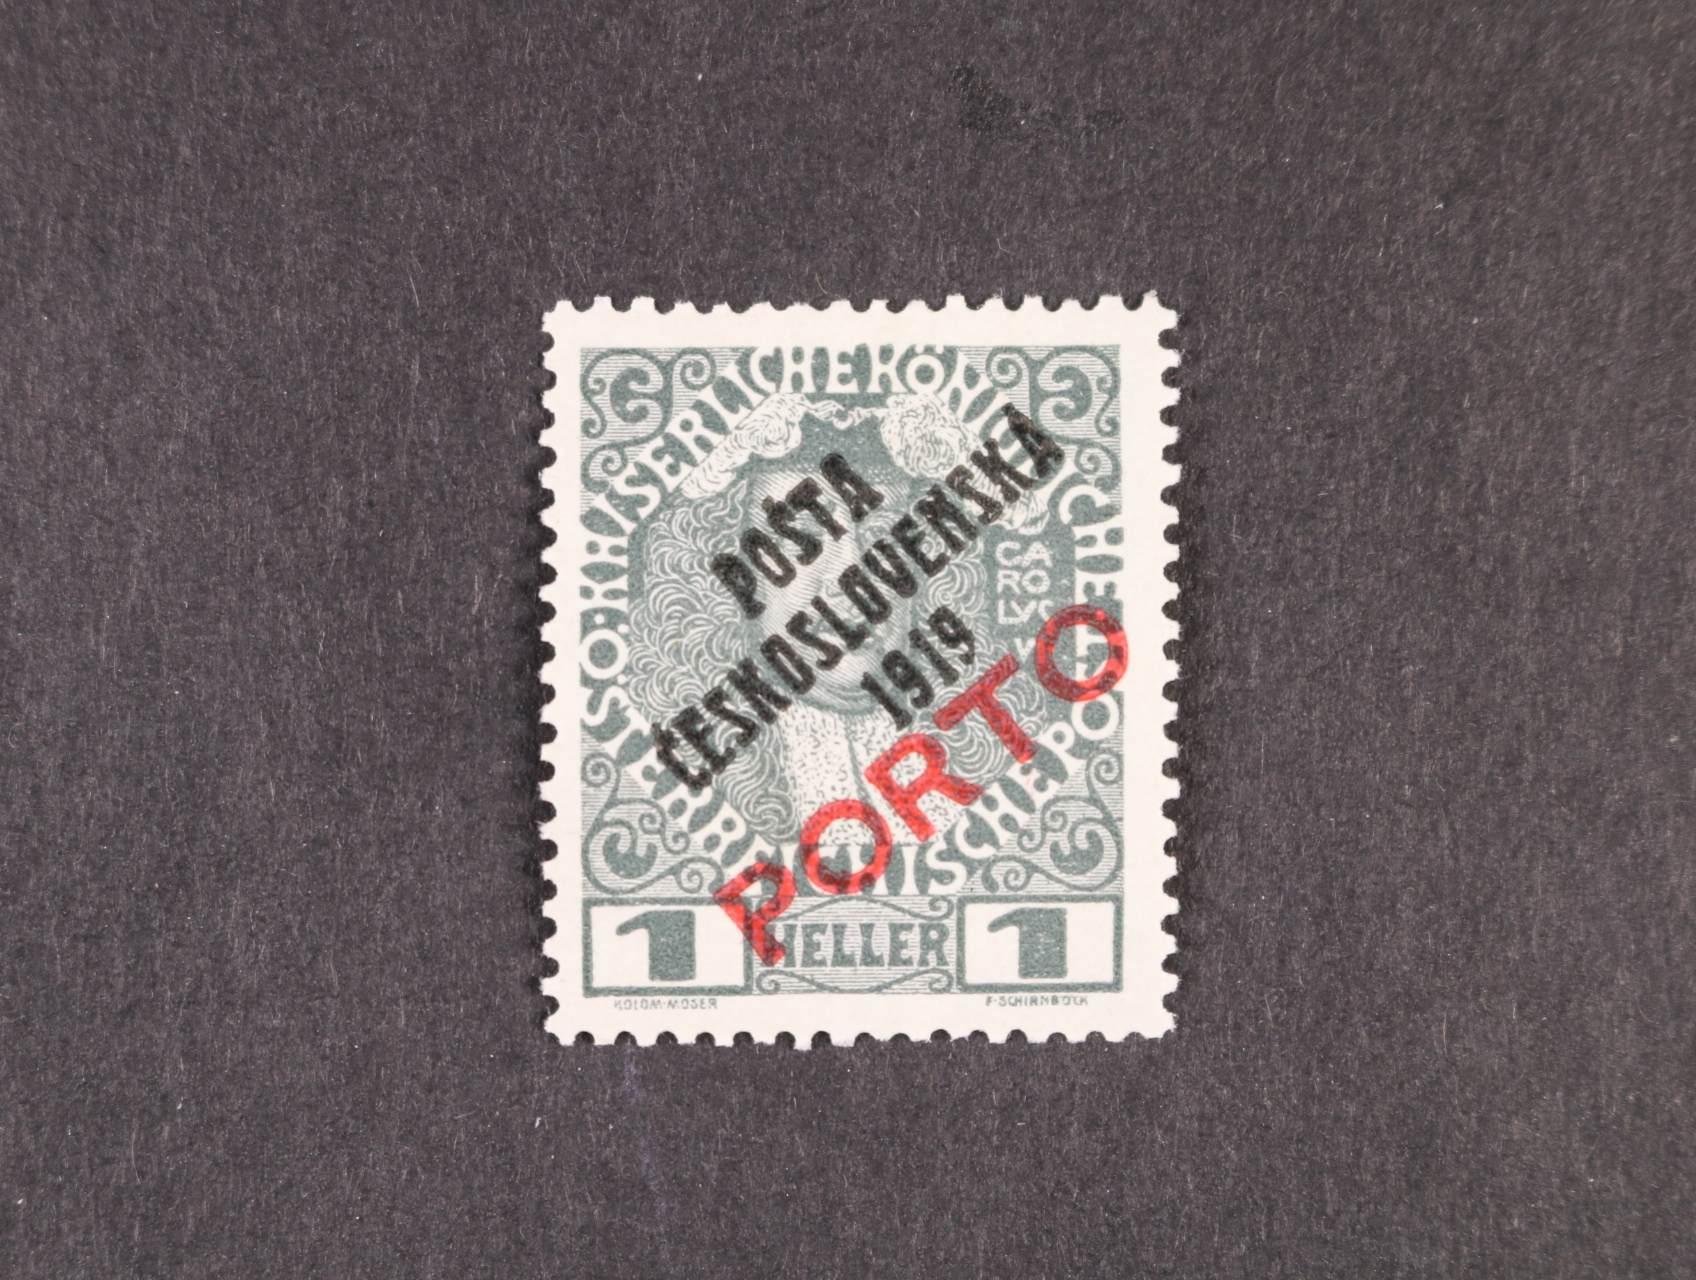 zn. č. 83, typ I, zk. Stupka